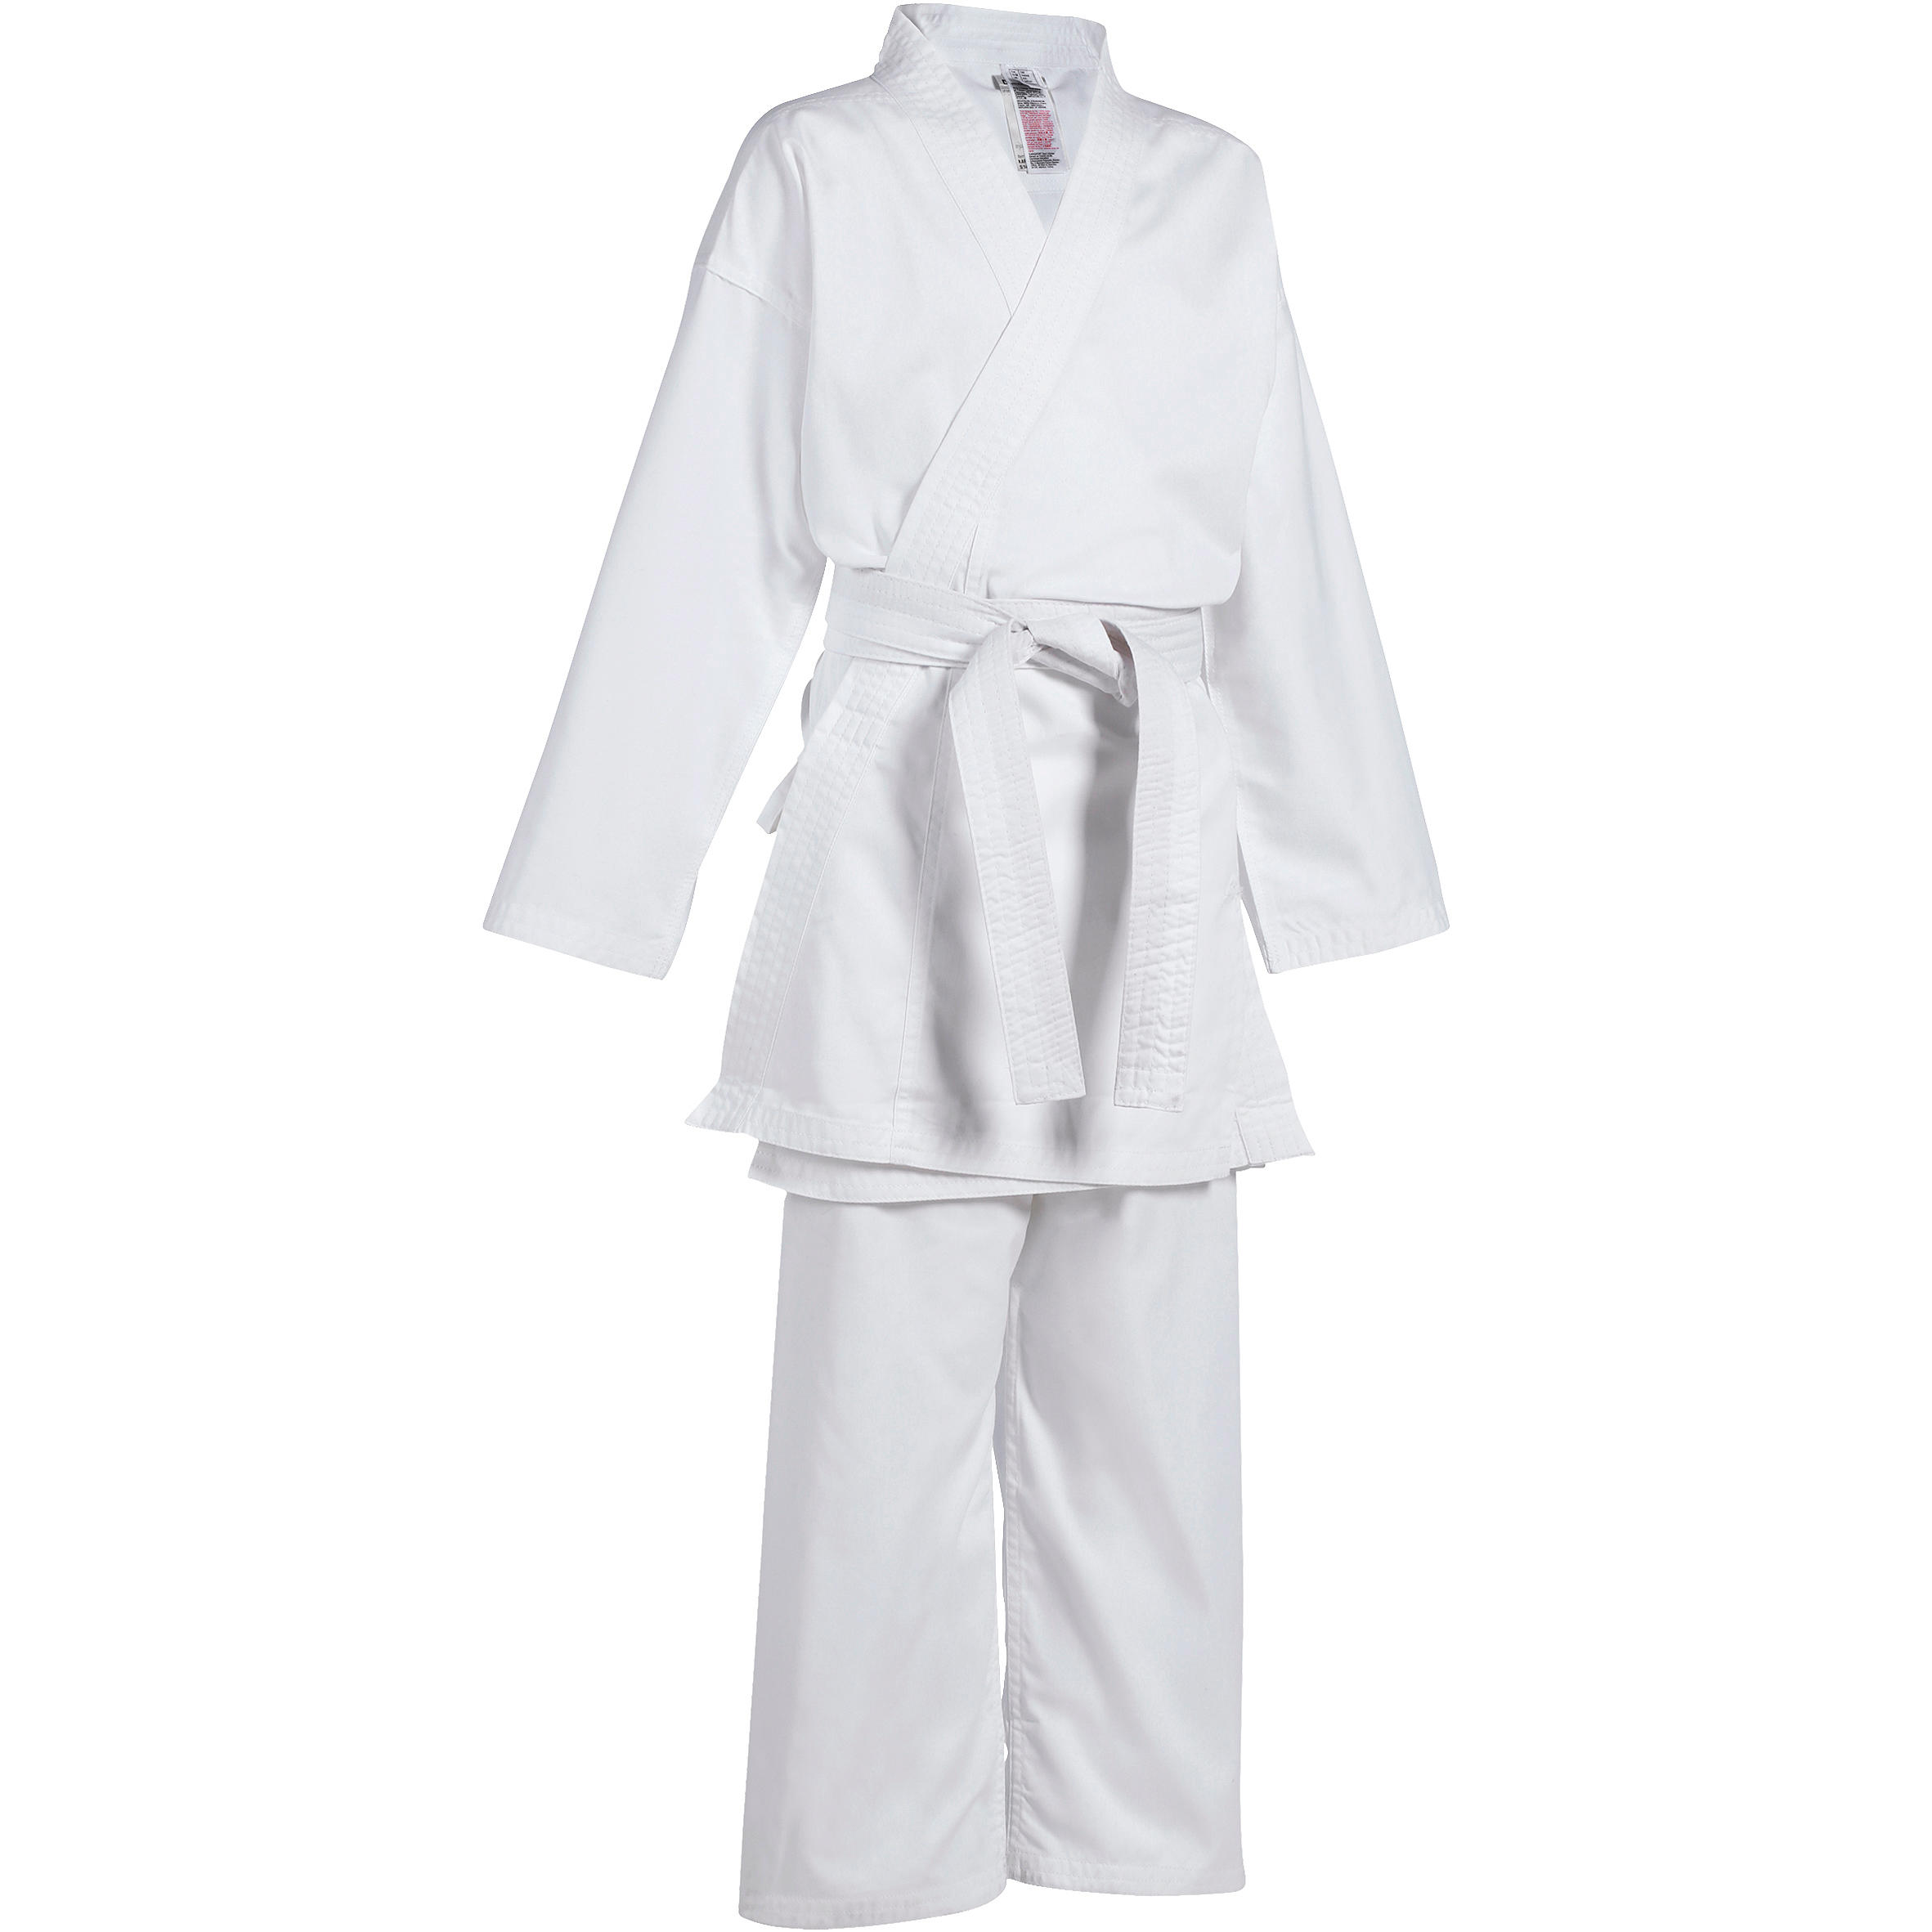 Kimono Karate 100 Alb Copii